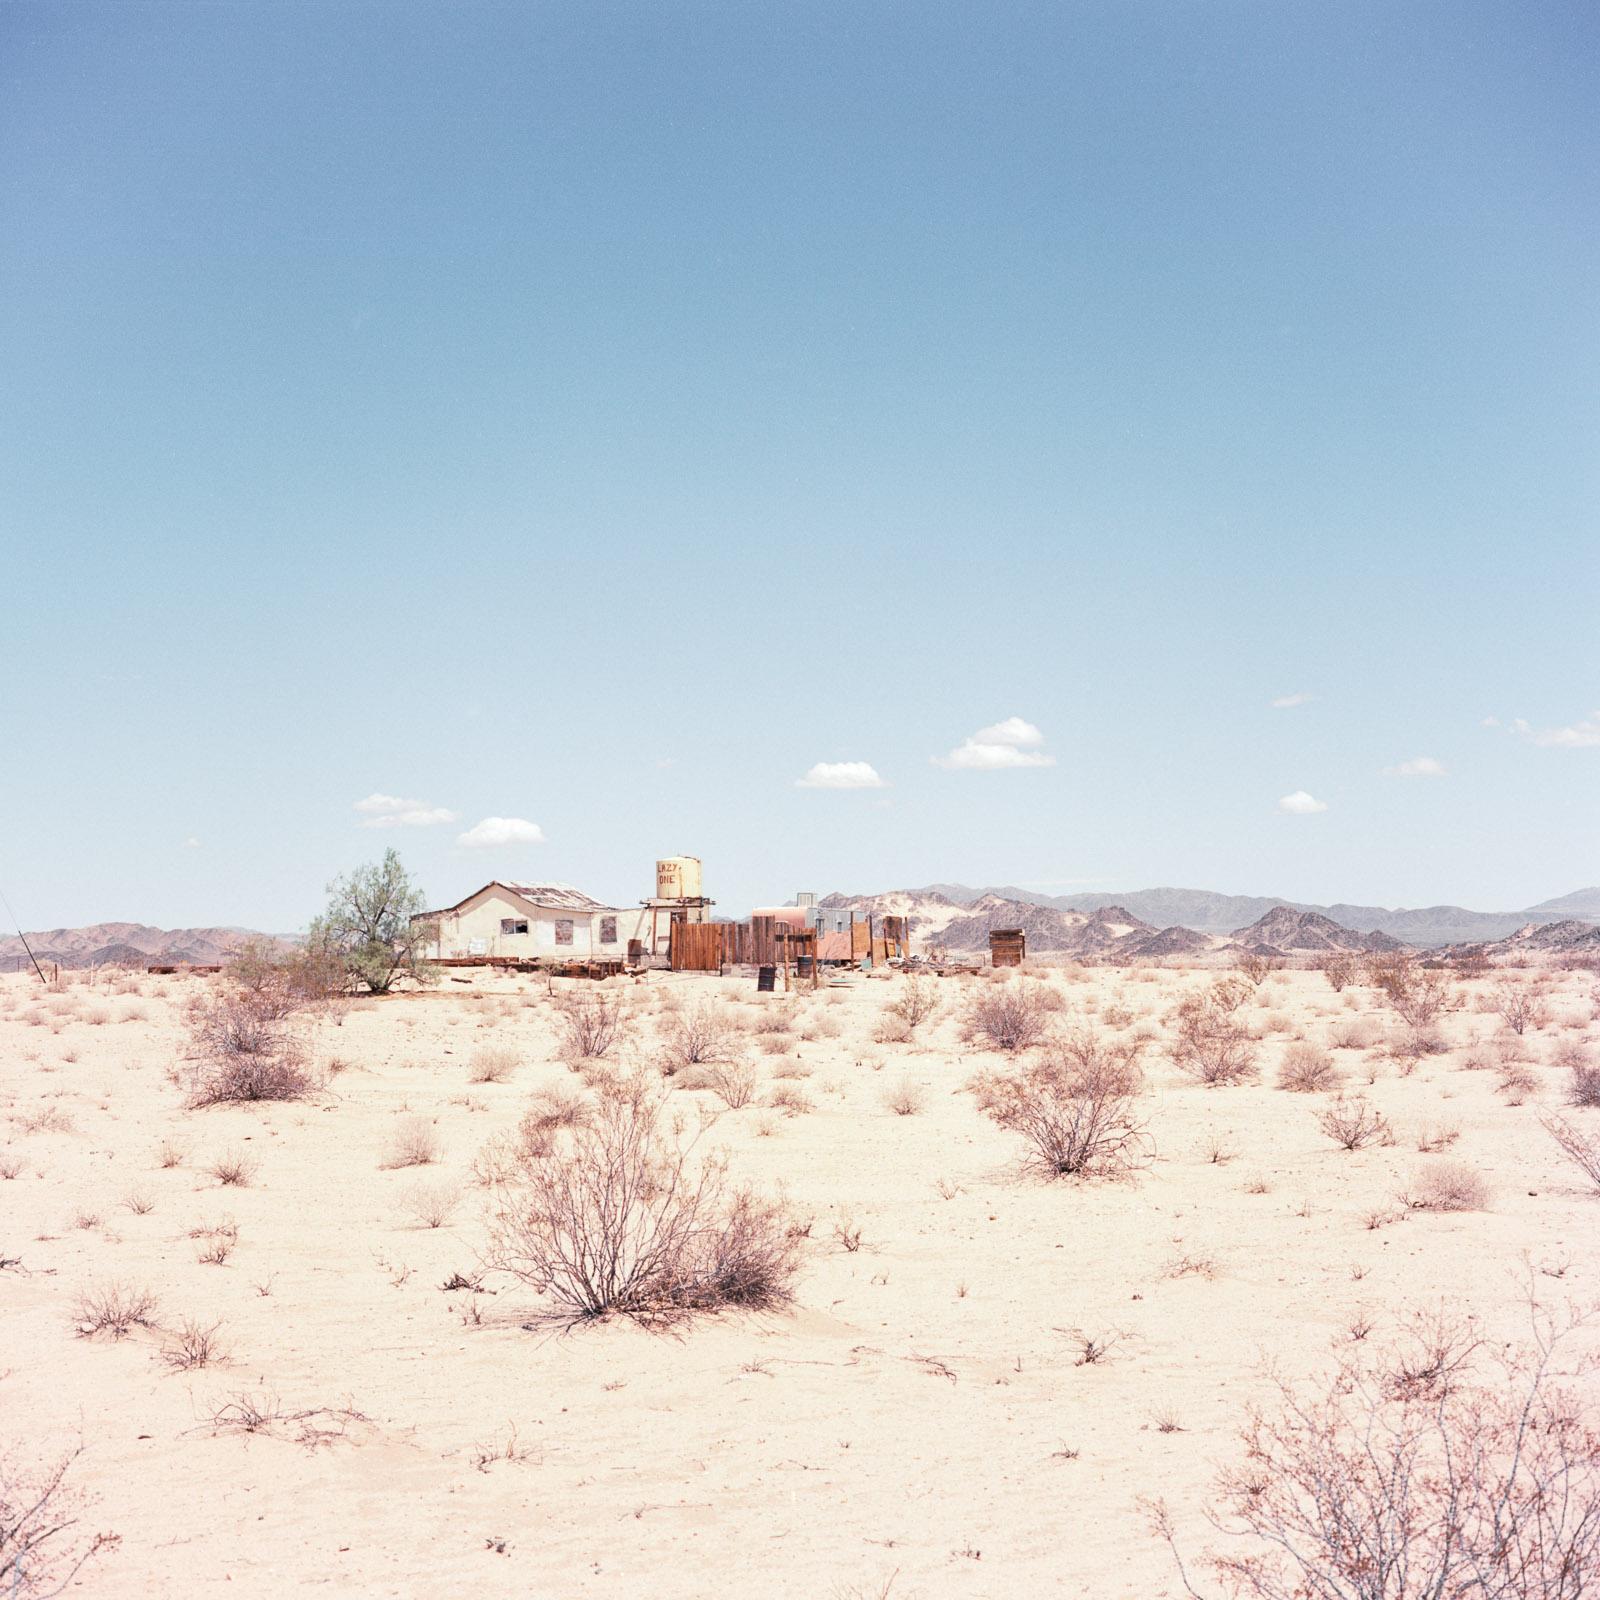 0001-california-travel-2-USA-Ektar-3-1.jpg